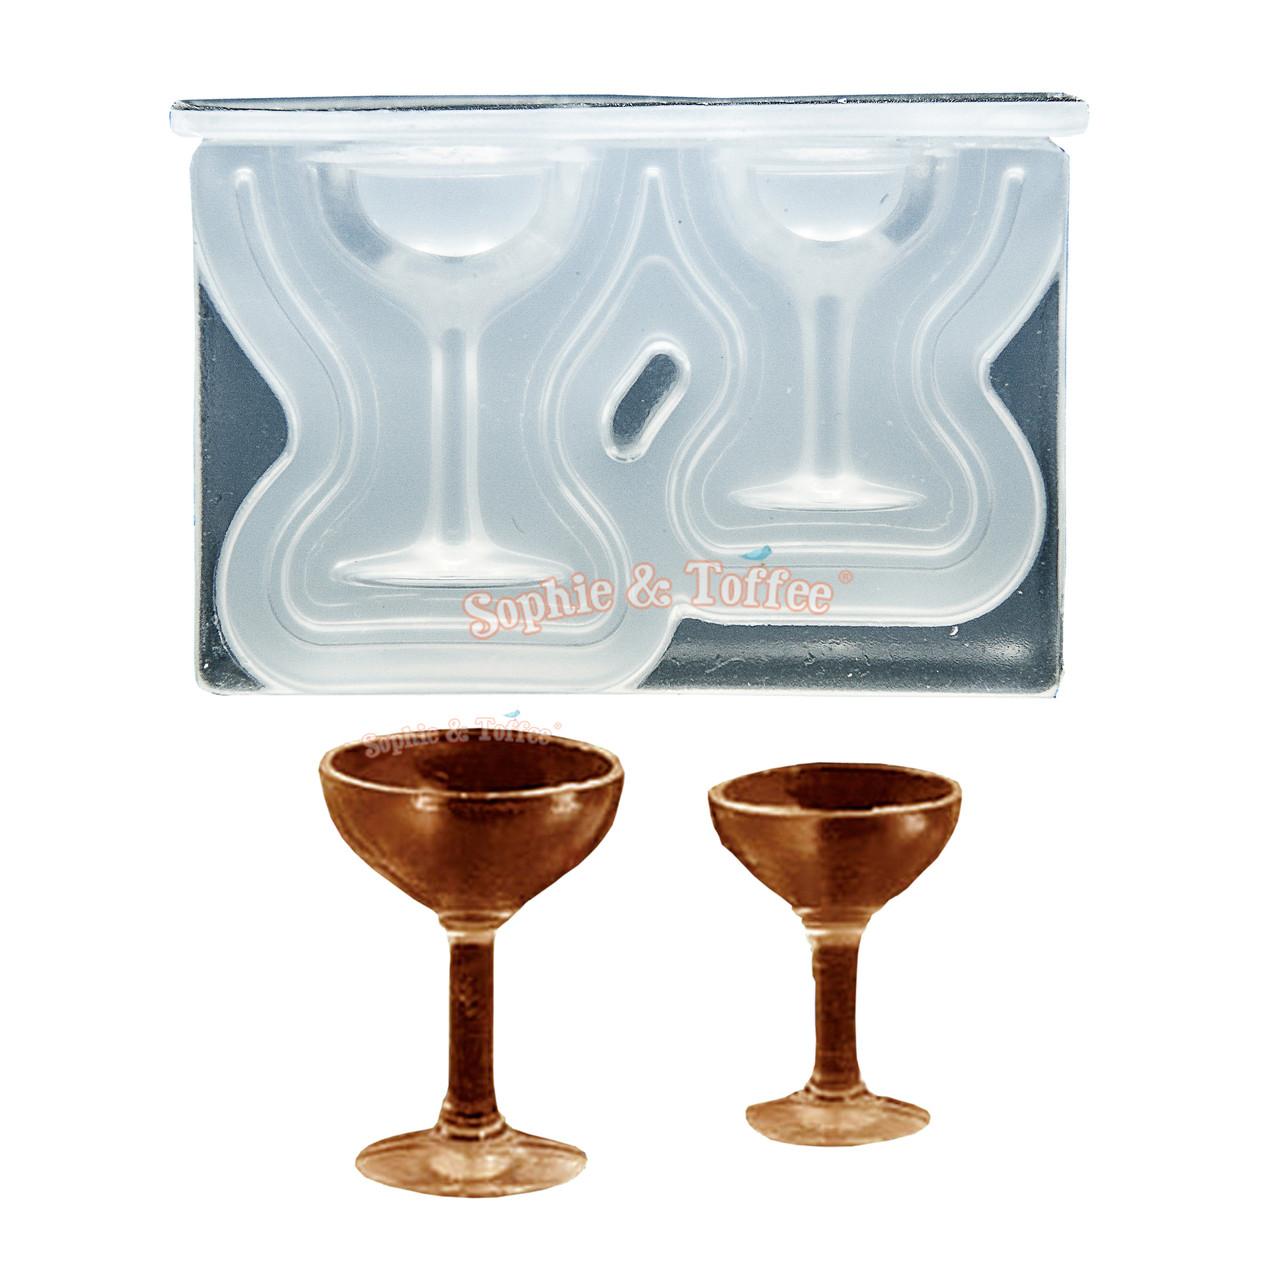 DOLL HOUSE  MINIATURE 4 PARFAIT GLASSES